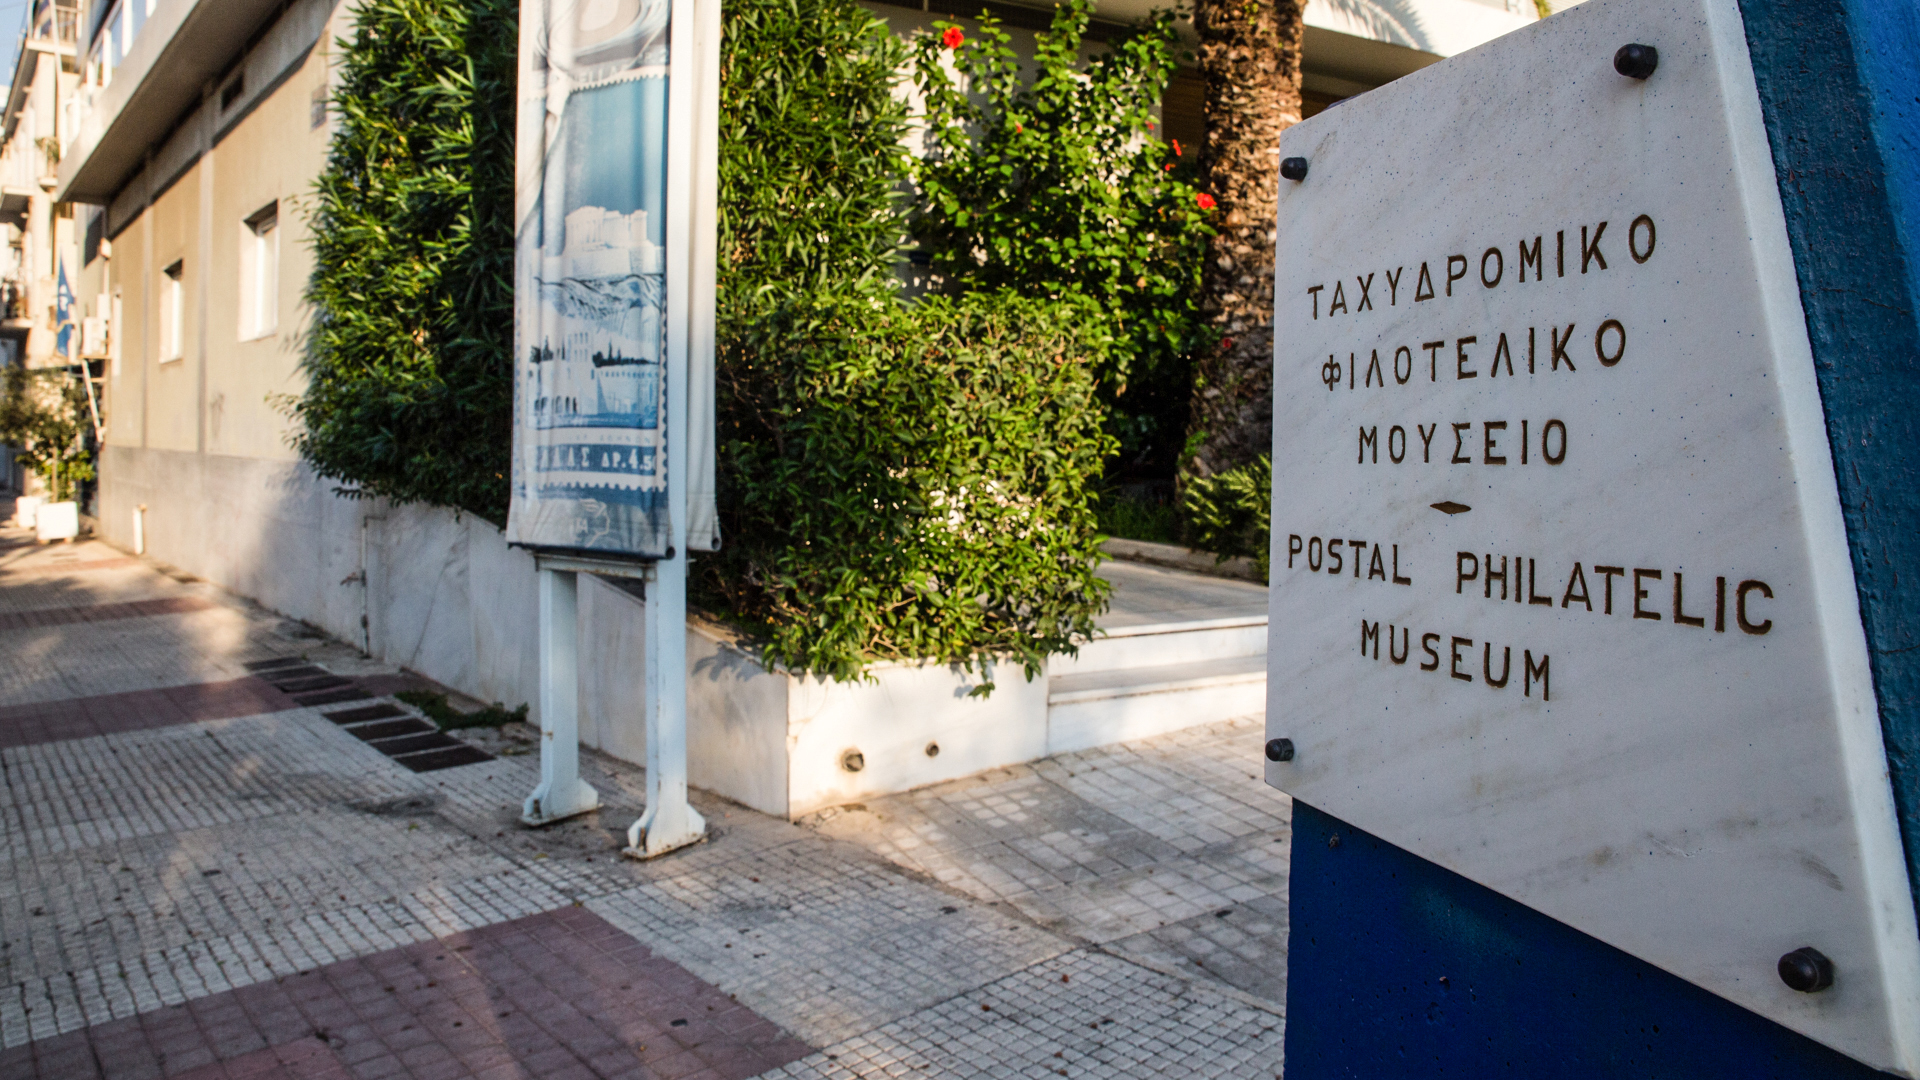 Ταχυδρομικό και Φιλοτελικό Μουσείο